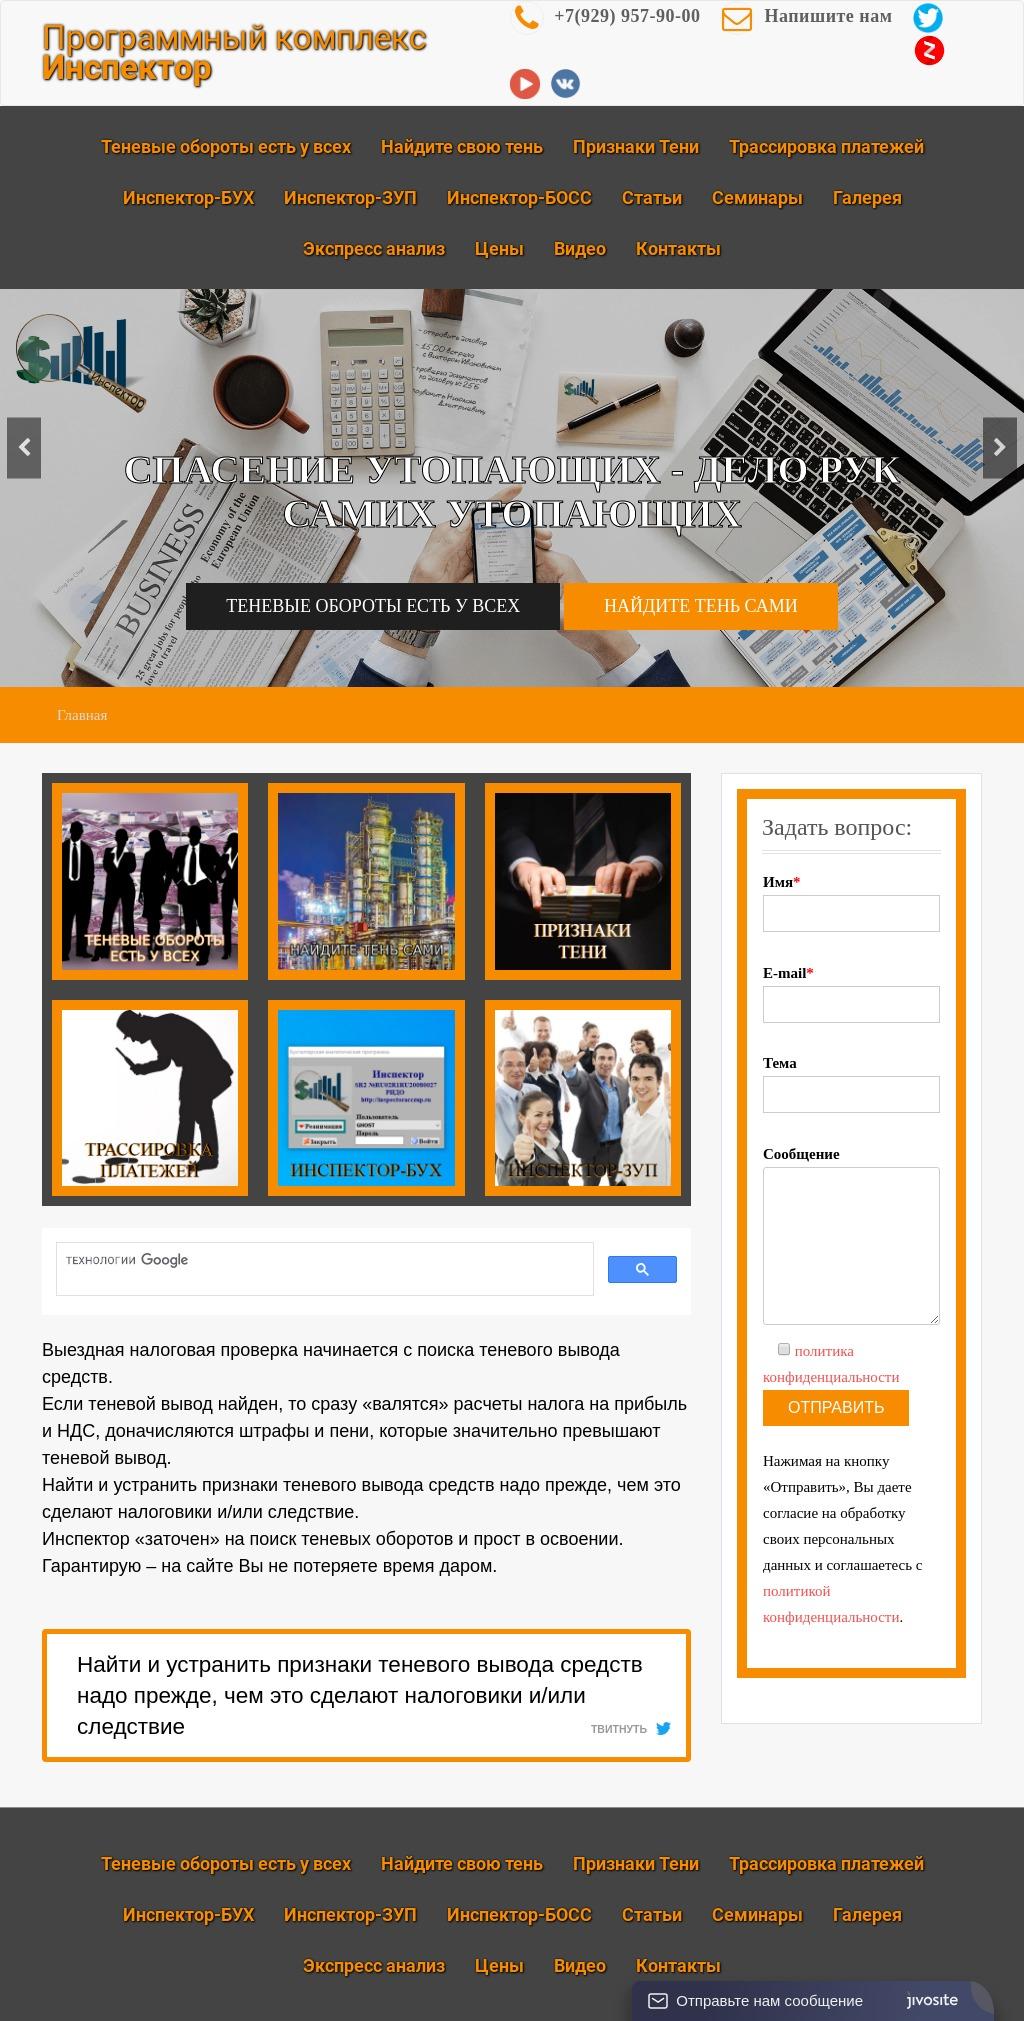 inspectoracczup-ru-1024xFULLdesktop-66b6f1